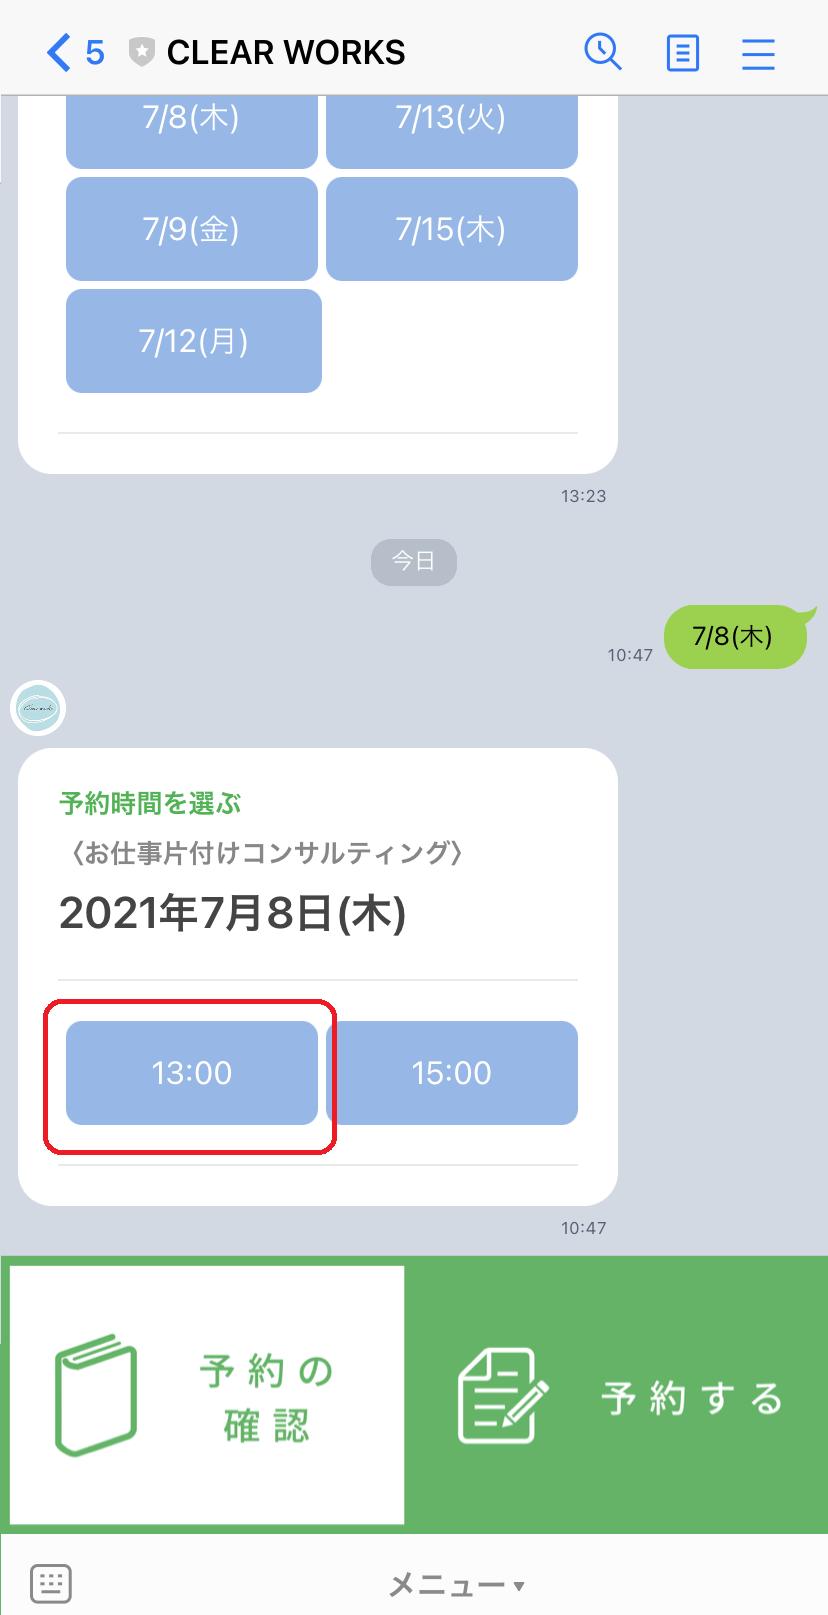 20210702_014722000_iOS-1